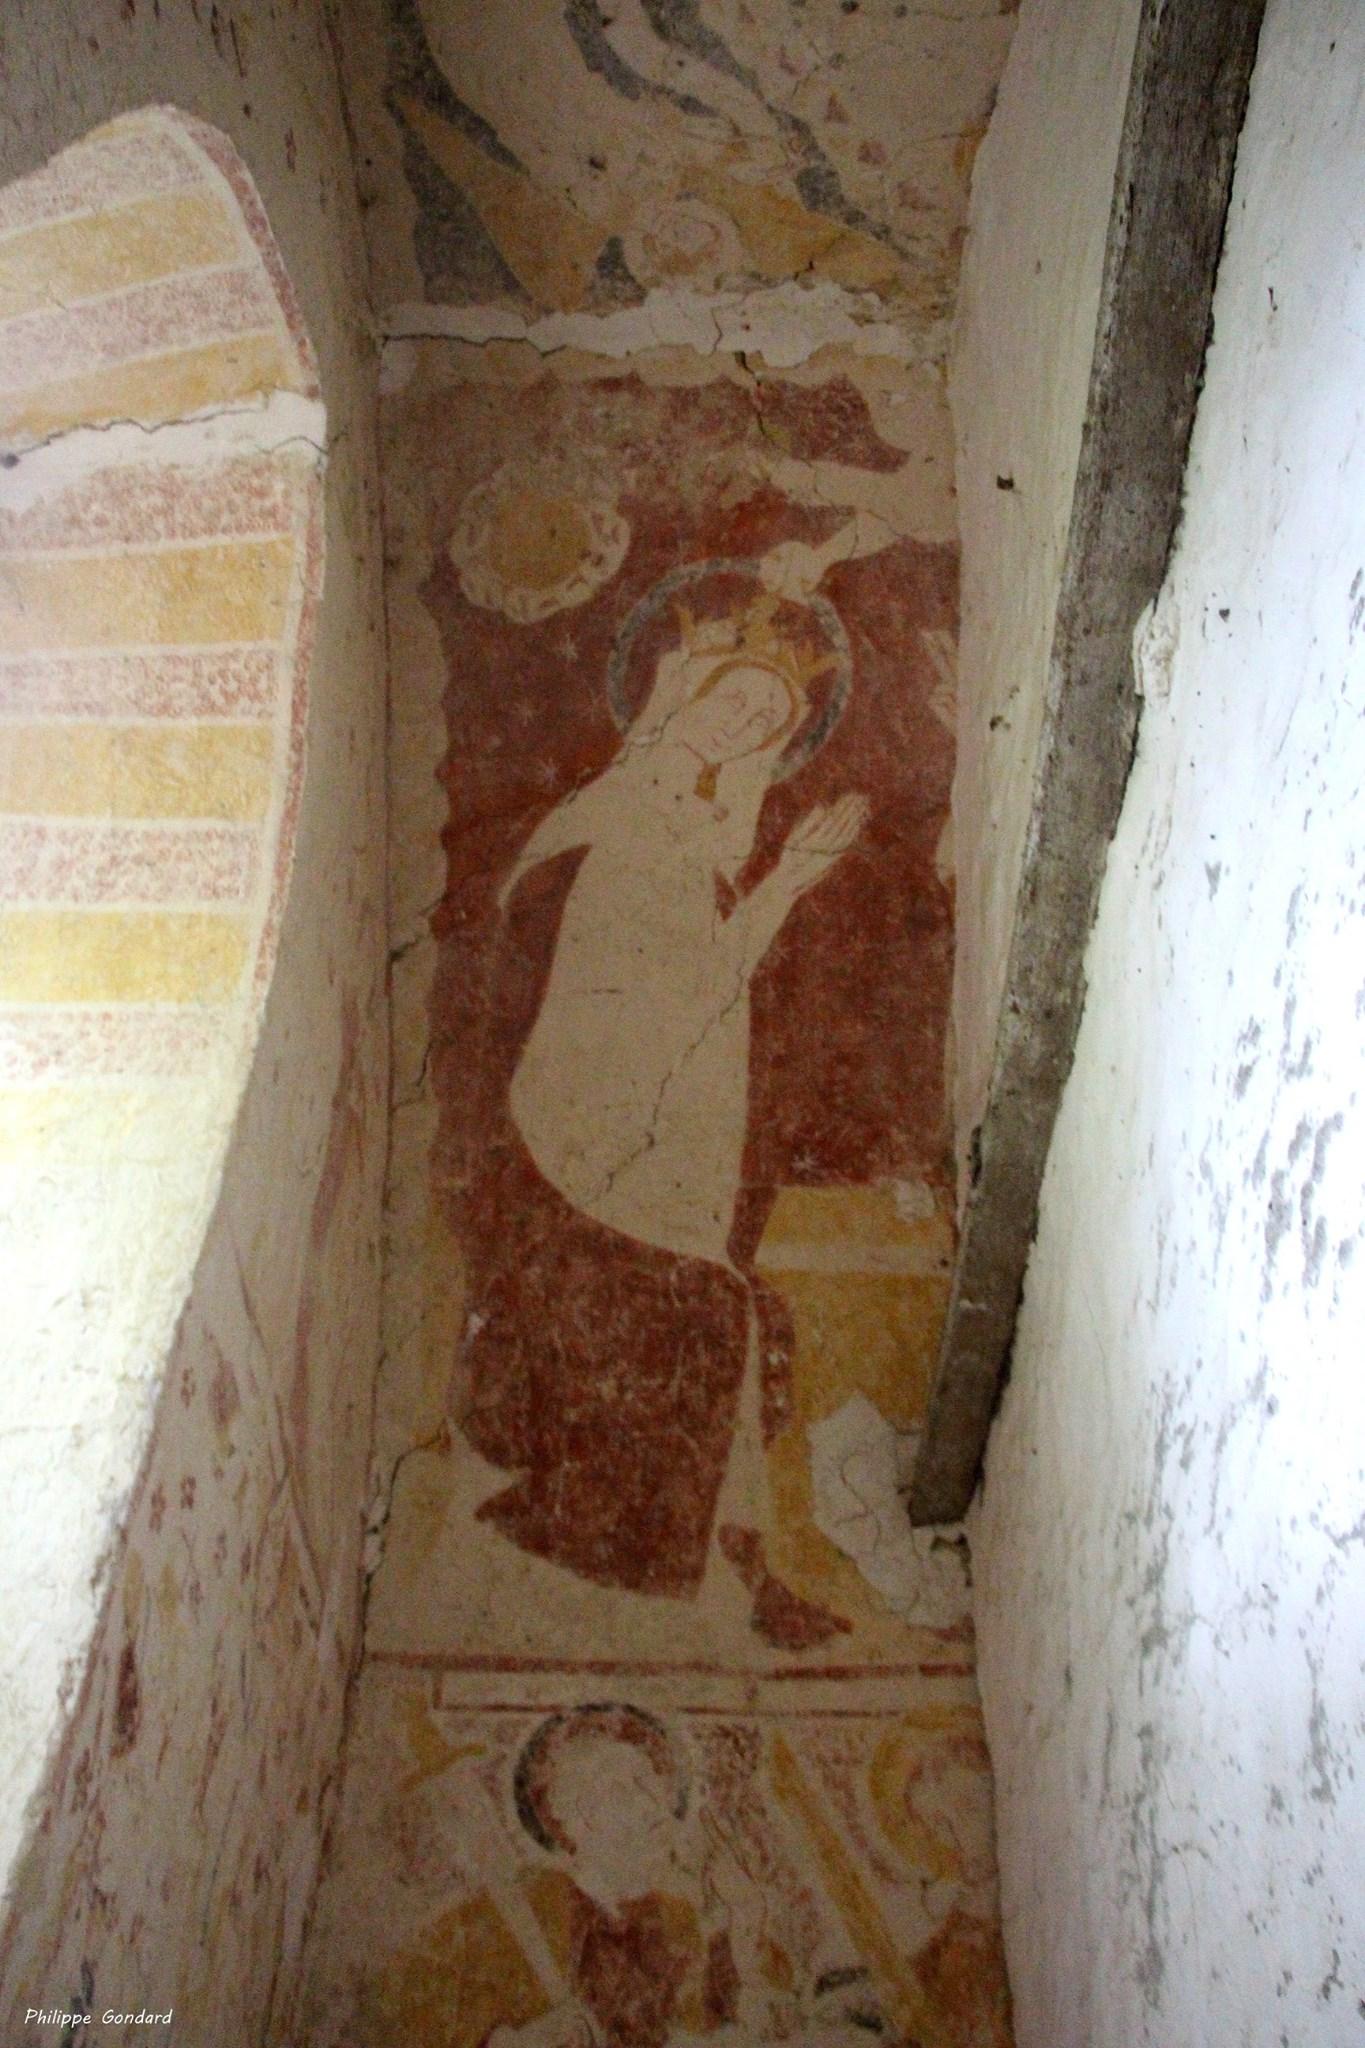 Conlie - Chapelle Saint Hilaire et Saint Eutrope de Verniette 09 (Philippe Gondard)